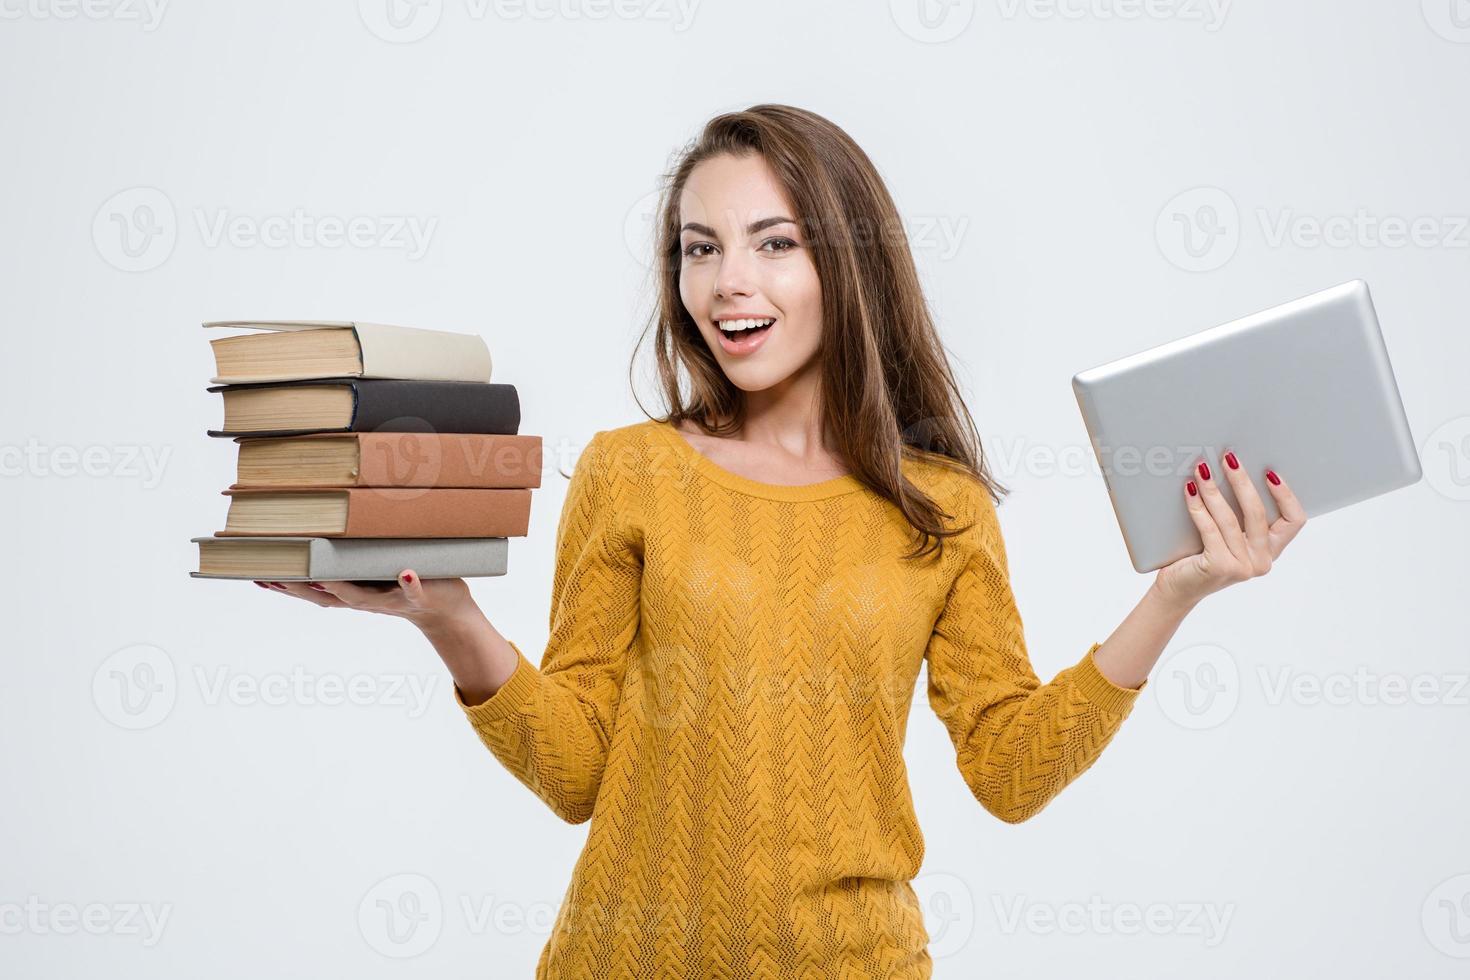 kvinna som väljer mellan pappersböcker eller surfplatta foto